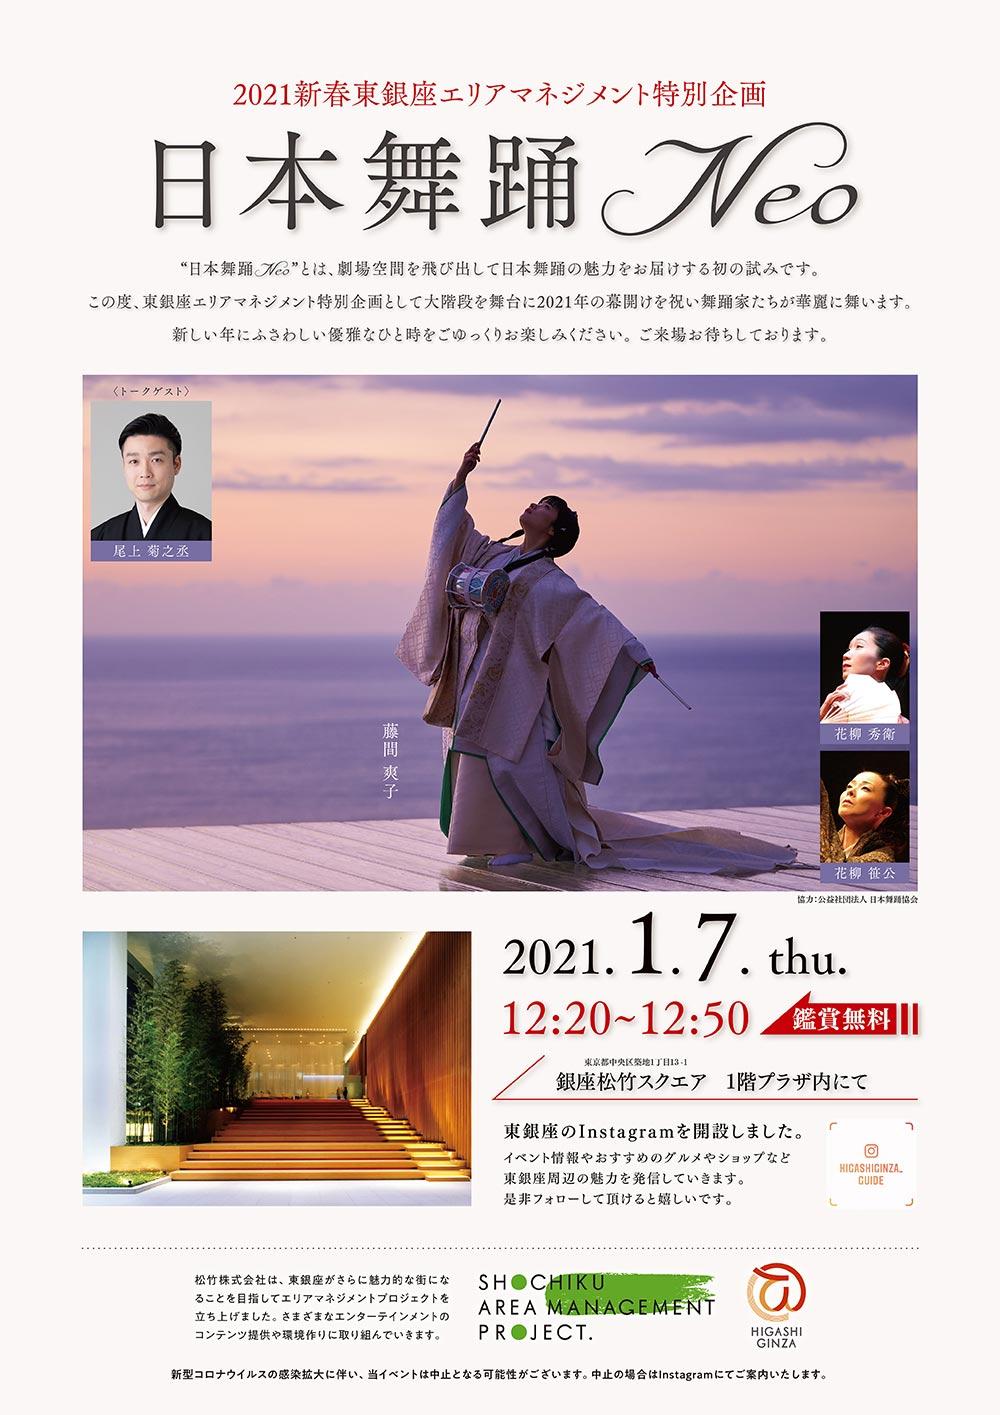 2021新春東銀座エリアマネジメント特別企画「日本舞踊Neo」